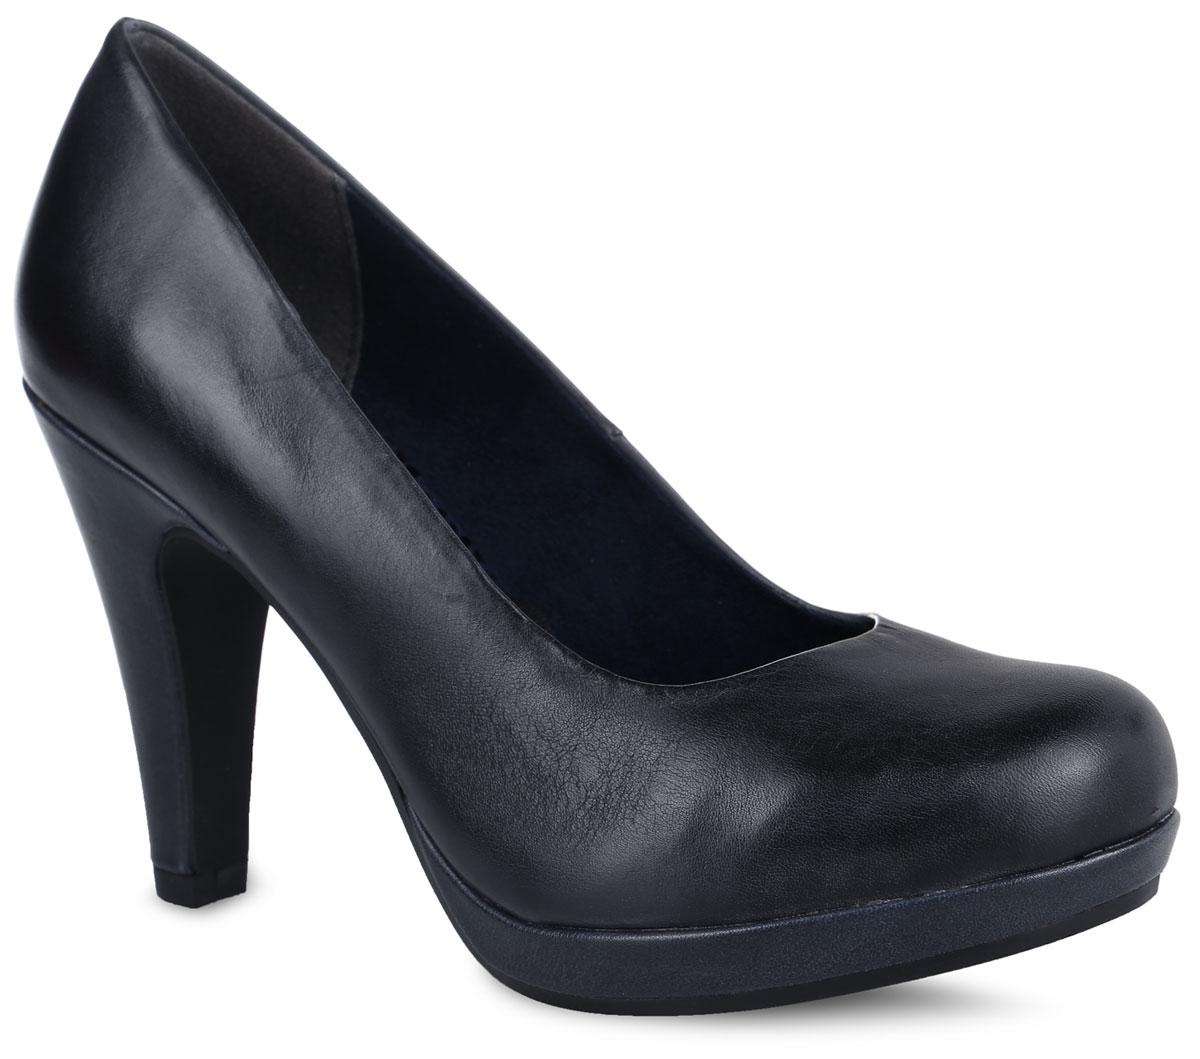 Туфли женские. 2-2-22427-27-8922-2-22427-27-892Стильные туфли от Marco Tozzi не оставят равнодушной настоящую модницу! Модель выполнена из натуральной кожи. Подкладка из текстиля и искусственных материалов не натирает. Мягкая стелька из искусственной кожи принимает форму стопы и обеспечивает этим максимальный комфорт. Высокий каблук компенсирован небольшой платформой. Каблук и подошва с рифлением обеспечивают идеальное сцепление с любыми поверхностями. Элегантные туфли внесут изысканные нотки в ваш образ и подчеркнут вашу утонченную натуру.